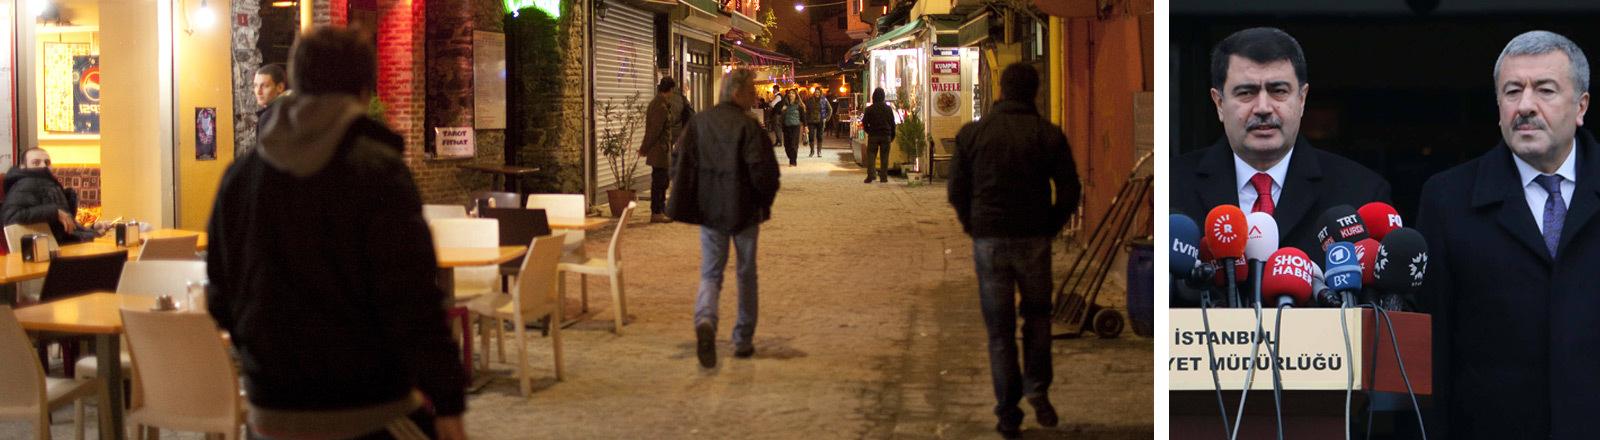 Eine Straße in Istanbul und der Istanbuler Bürgermeister mit dem Polizeichef von Istanbul.